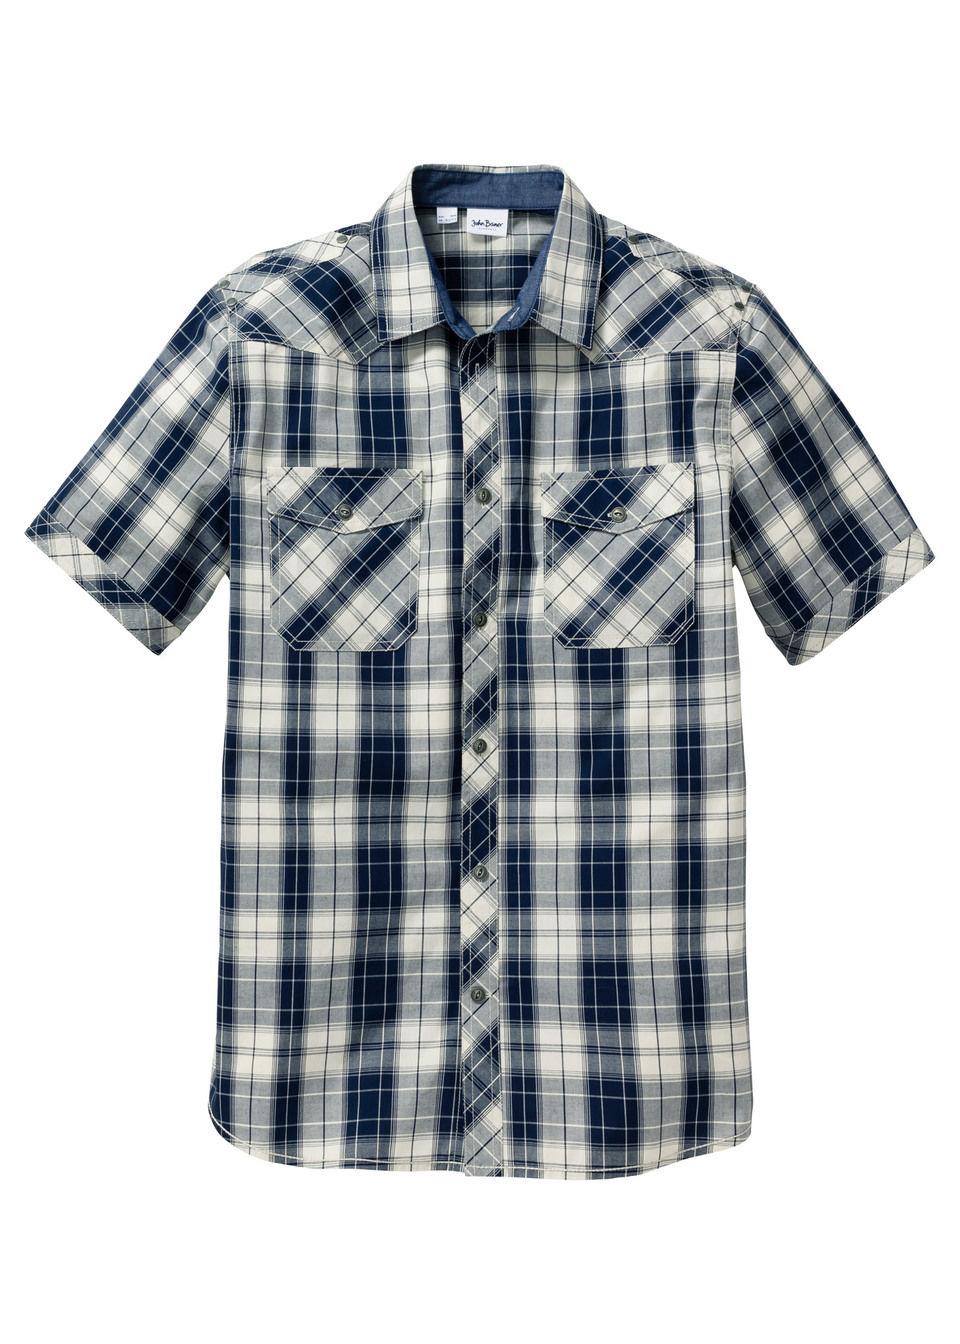 Купить Рубашка Regular Fit с коротким рукавом, bonprix, натуральный/темно-синий